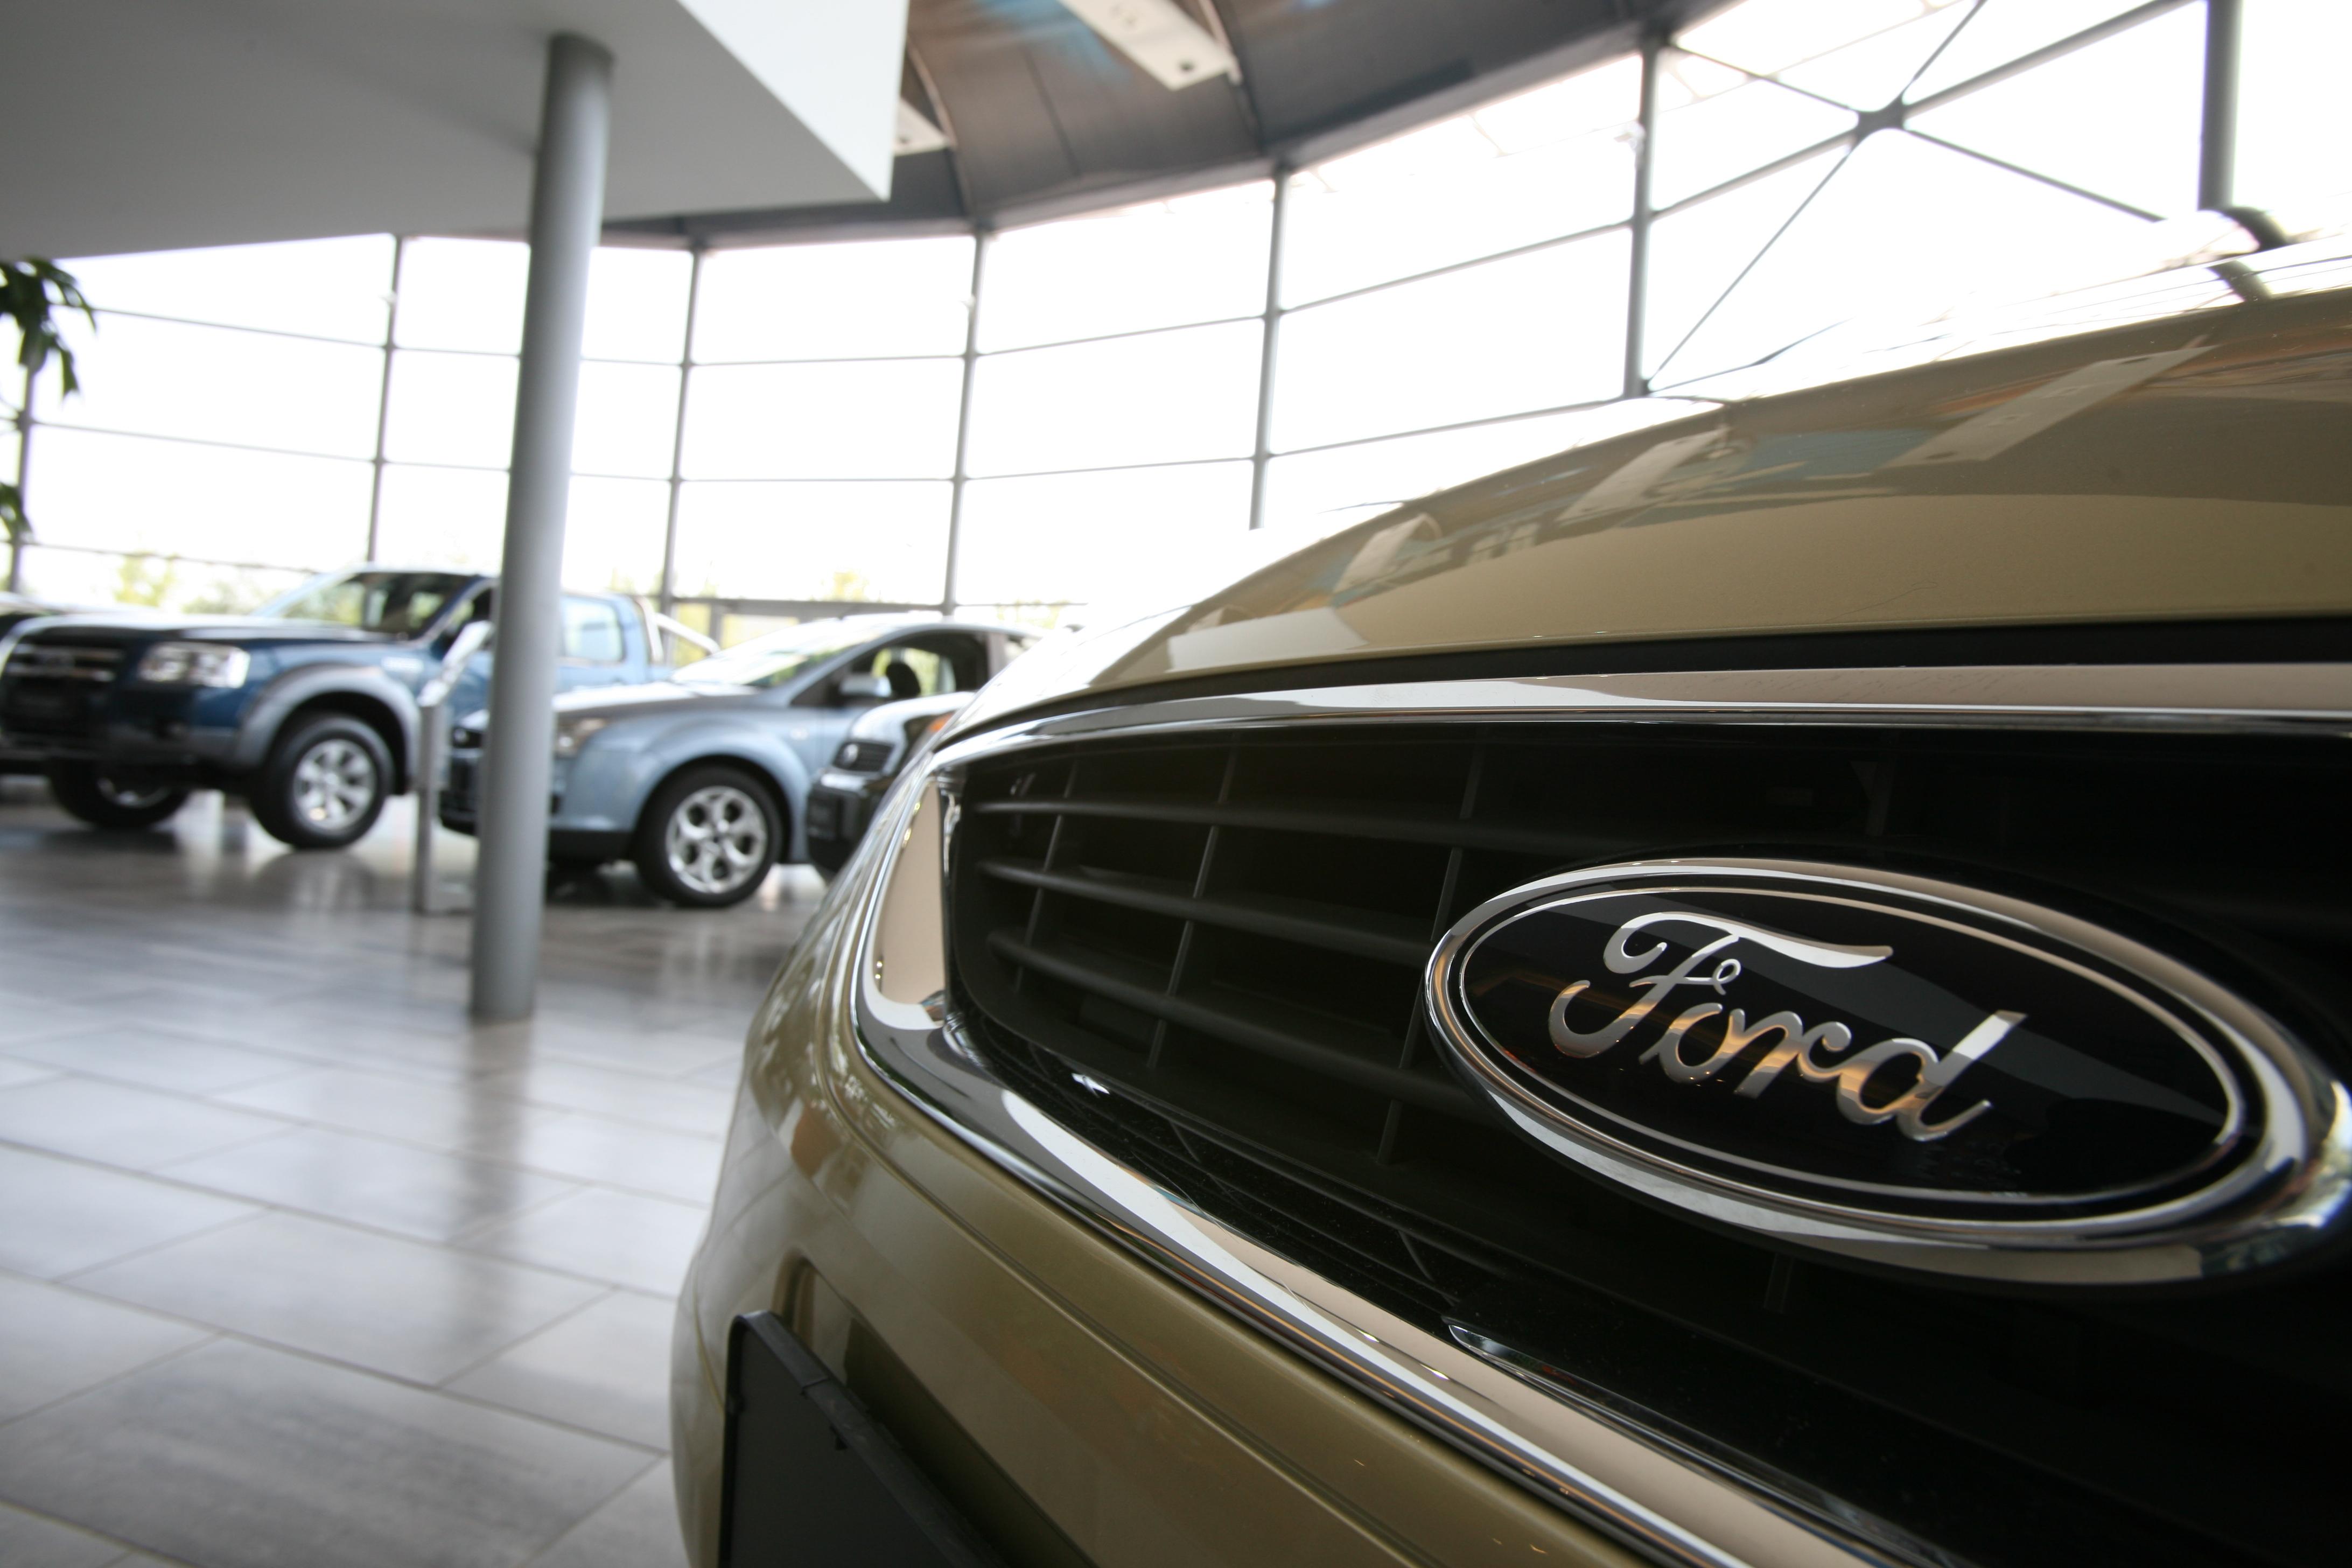 Americanii se aliază cu chinezii: Ford şi Baidu încheie un parteneriat pentru a testa vehicule autonome pe piaţa din China